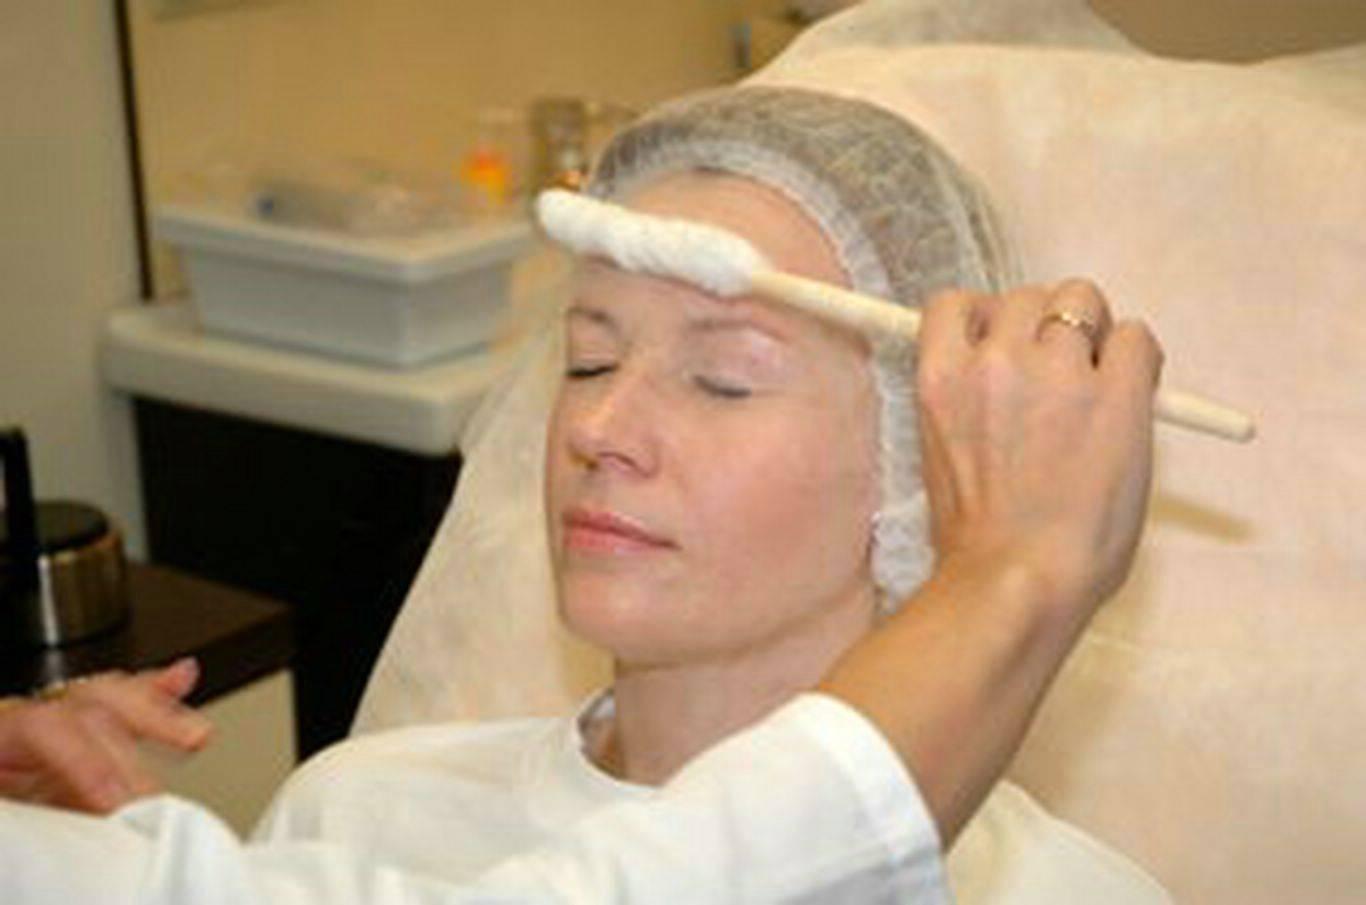 Что такое криомассаж для лица, можно ли его делать в домашних условиях. отзывы с фото до и после прилагаются